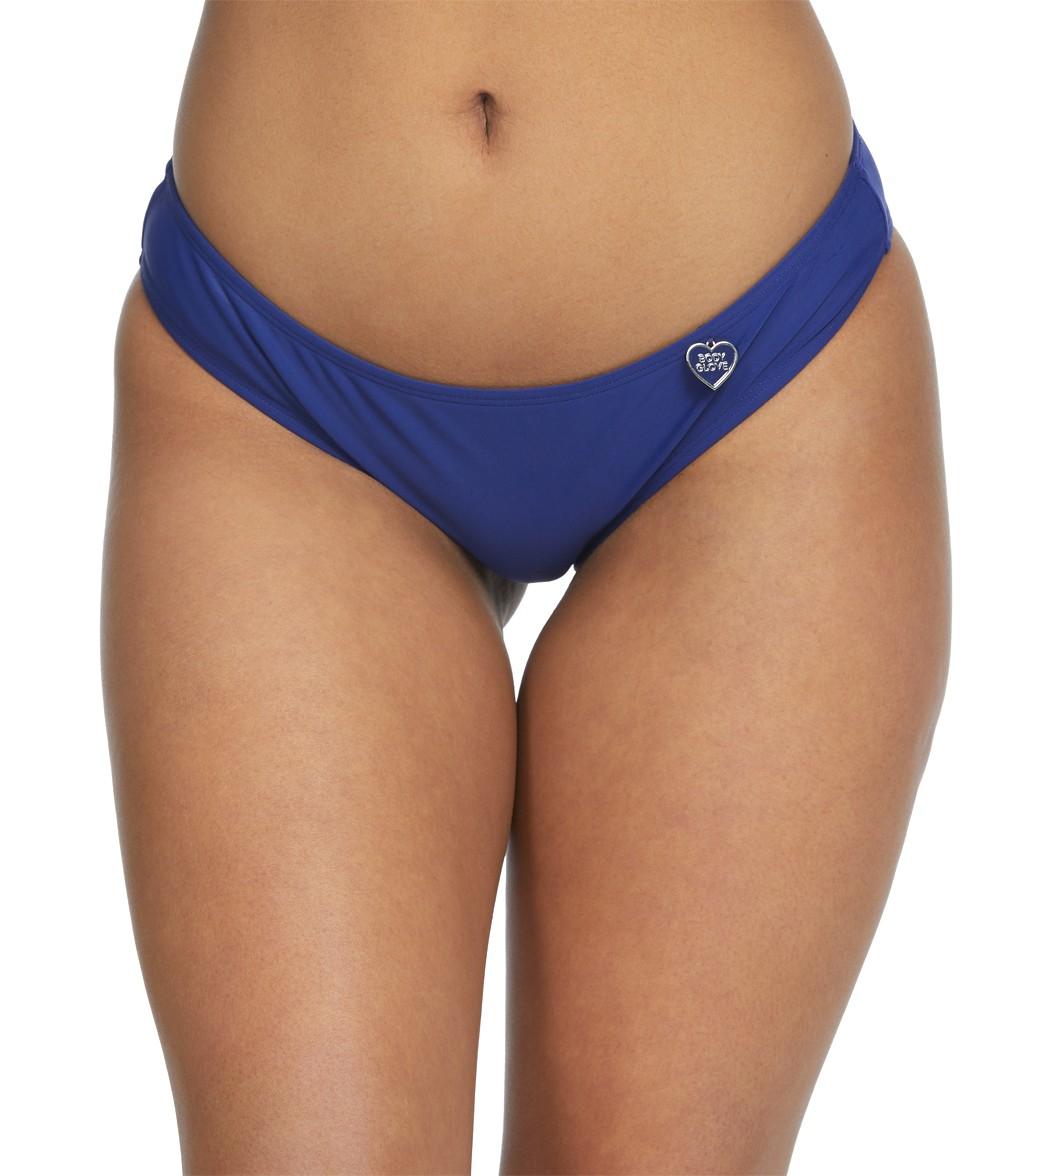 Body Glove Smoothies Eclipse Surfrider Bikini Bottom